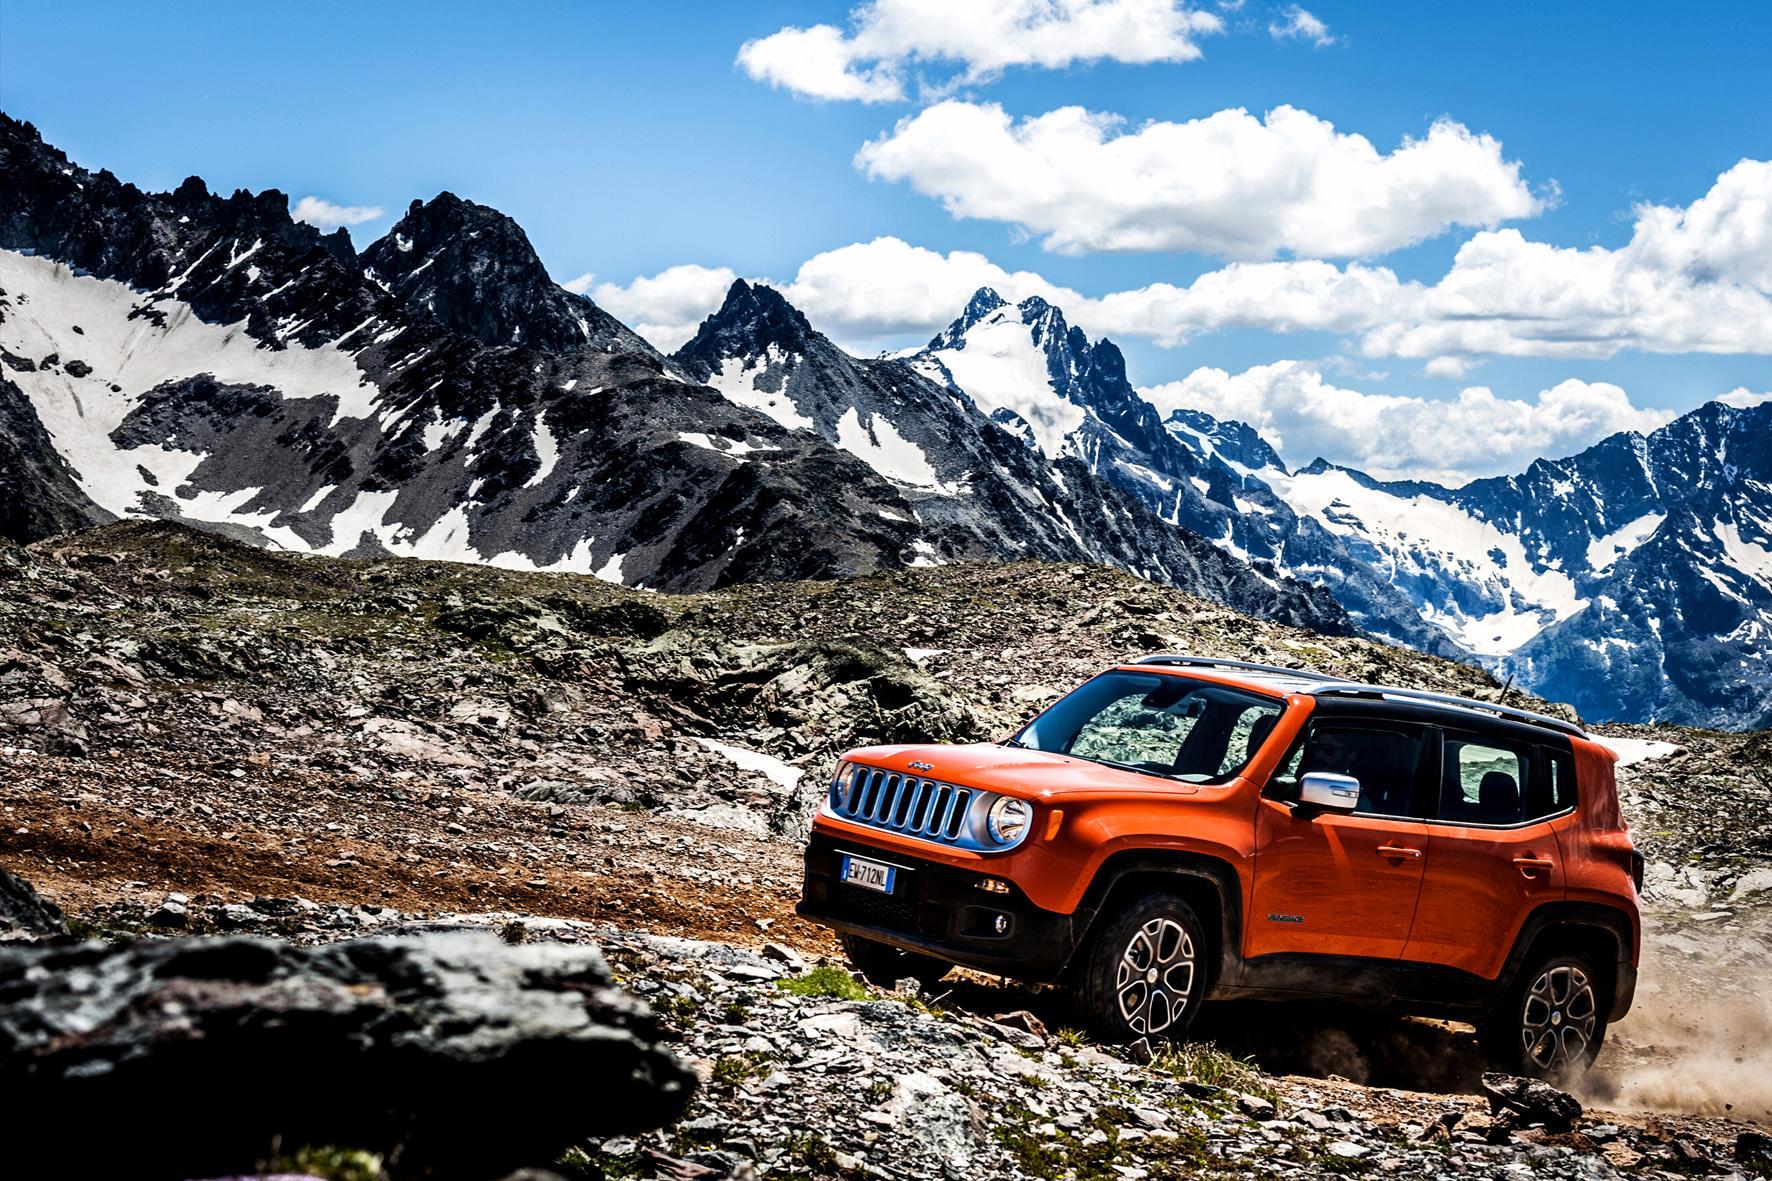 Neuer Top-Motor für den Jeep RenegadeNeuer Top-Motor für den Jeep Renegade